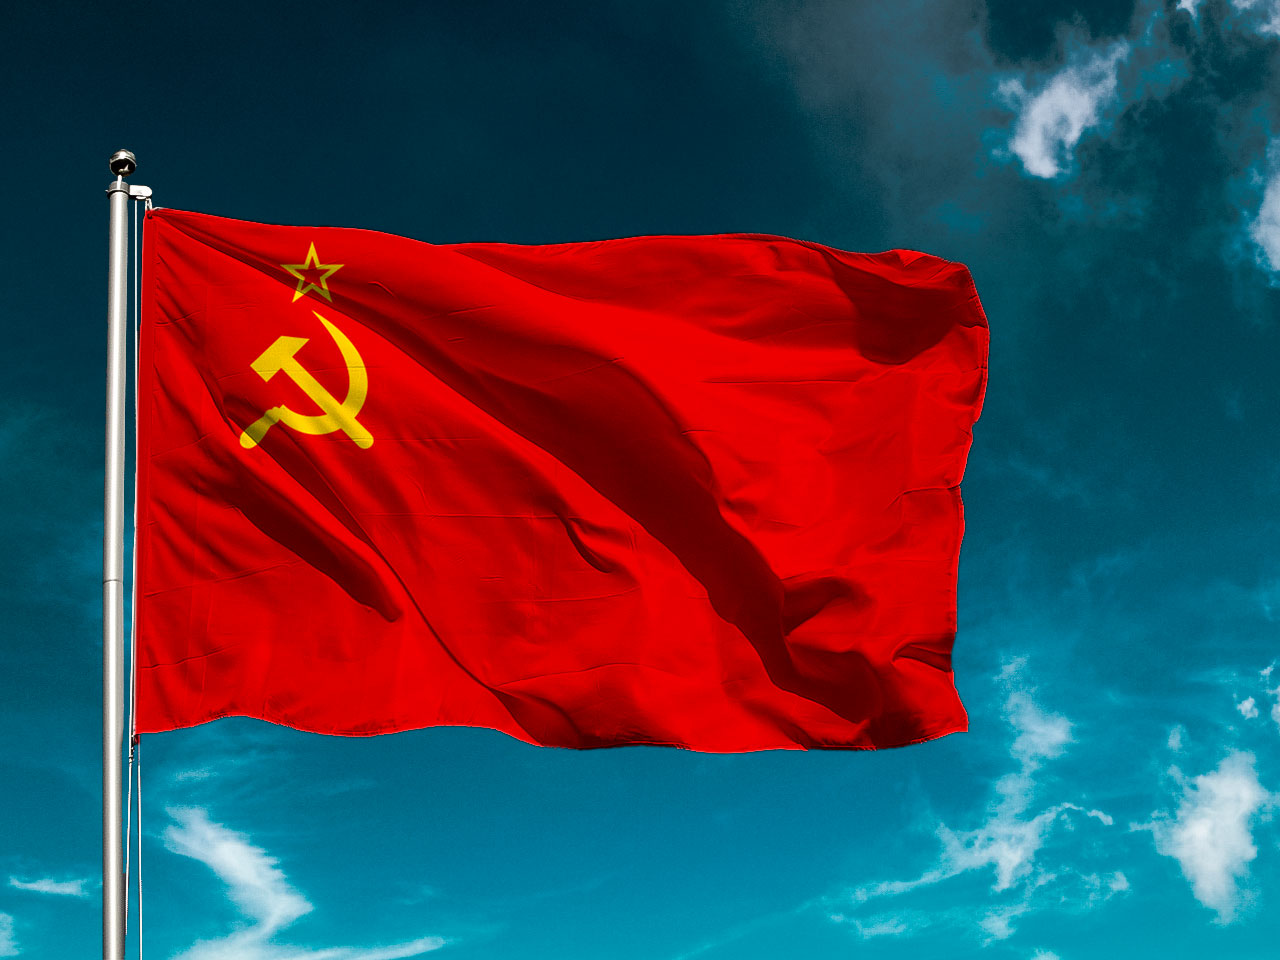 картинка флаг ссср цветной нижнем новгороде работал